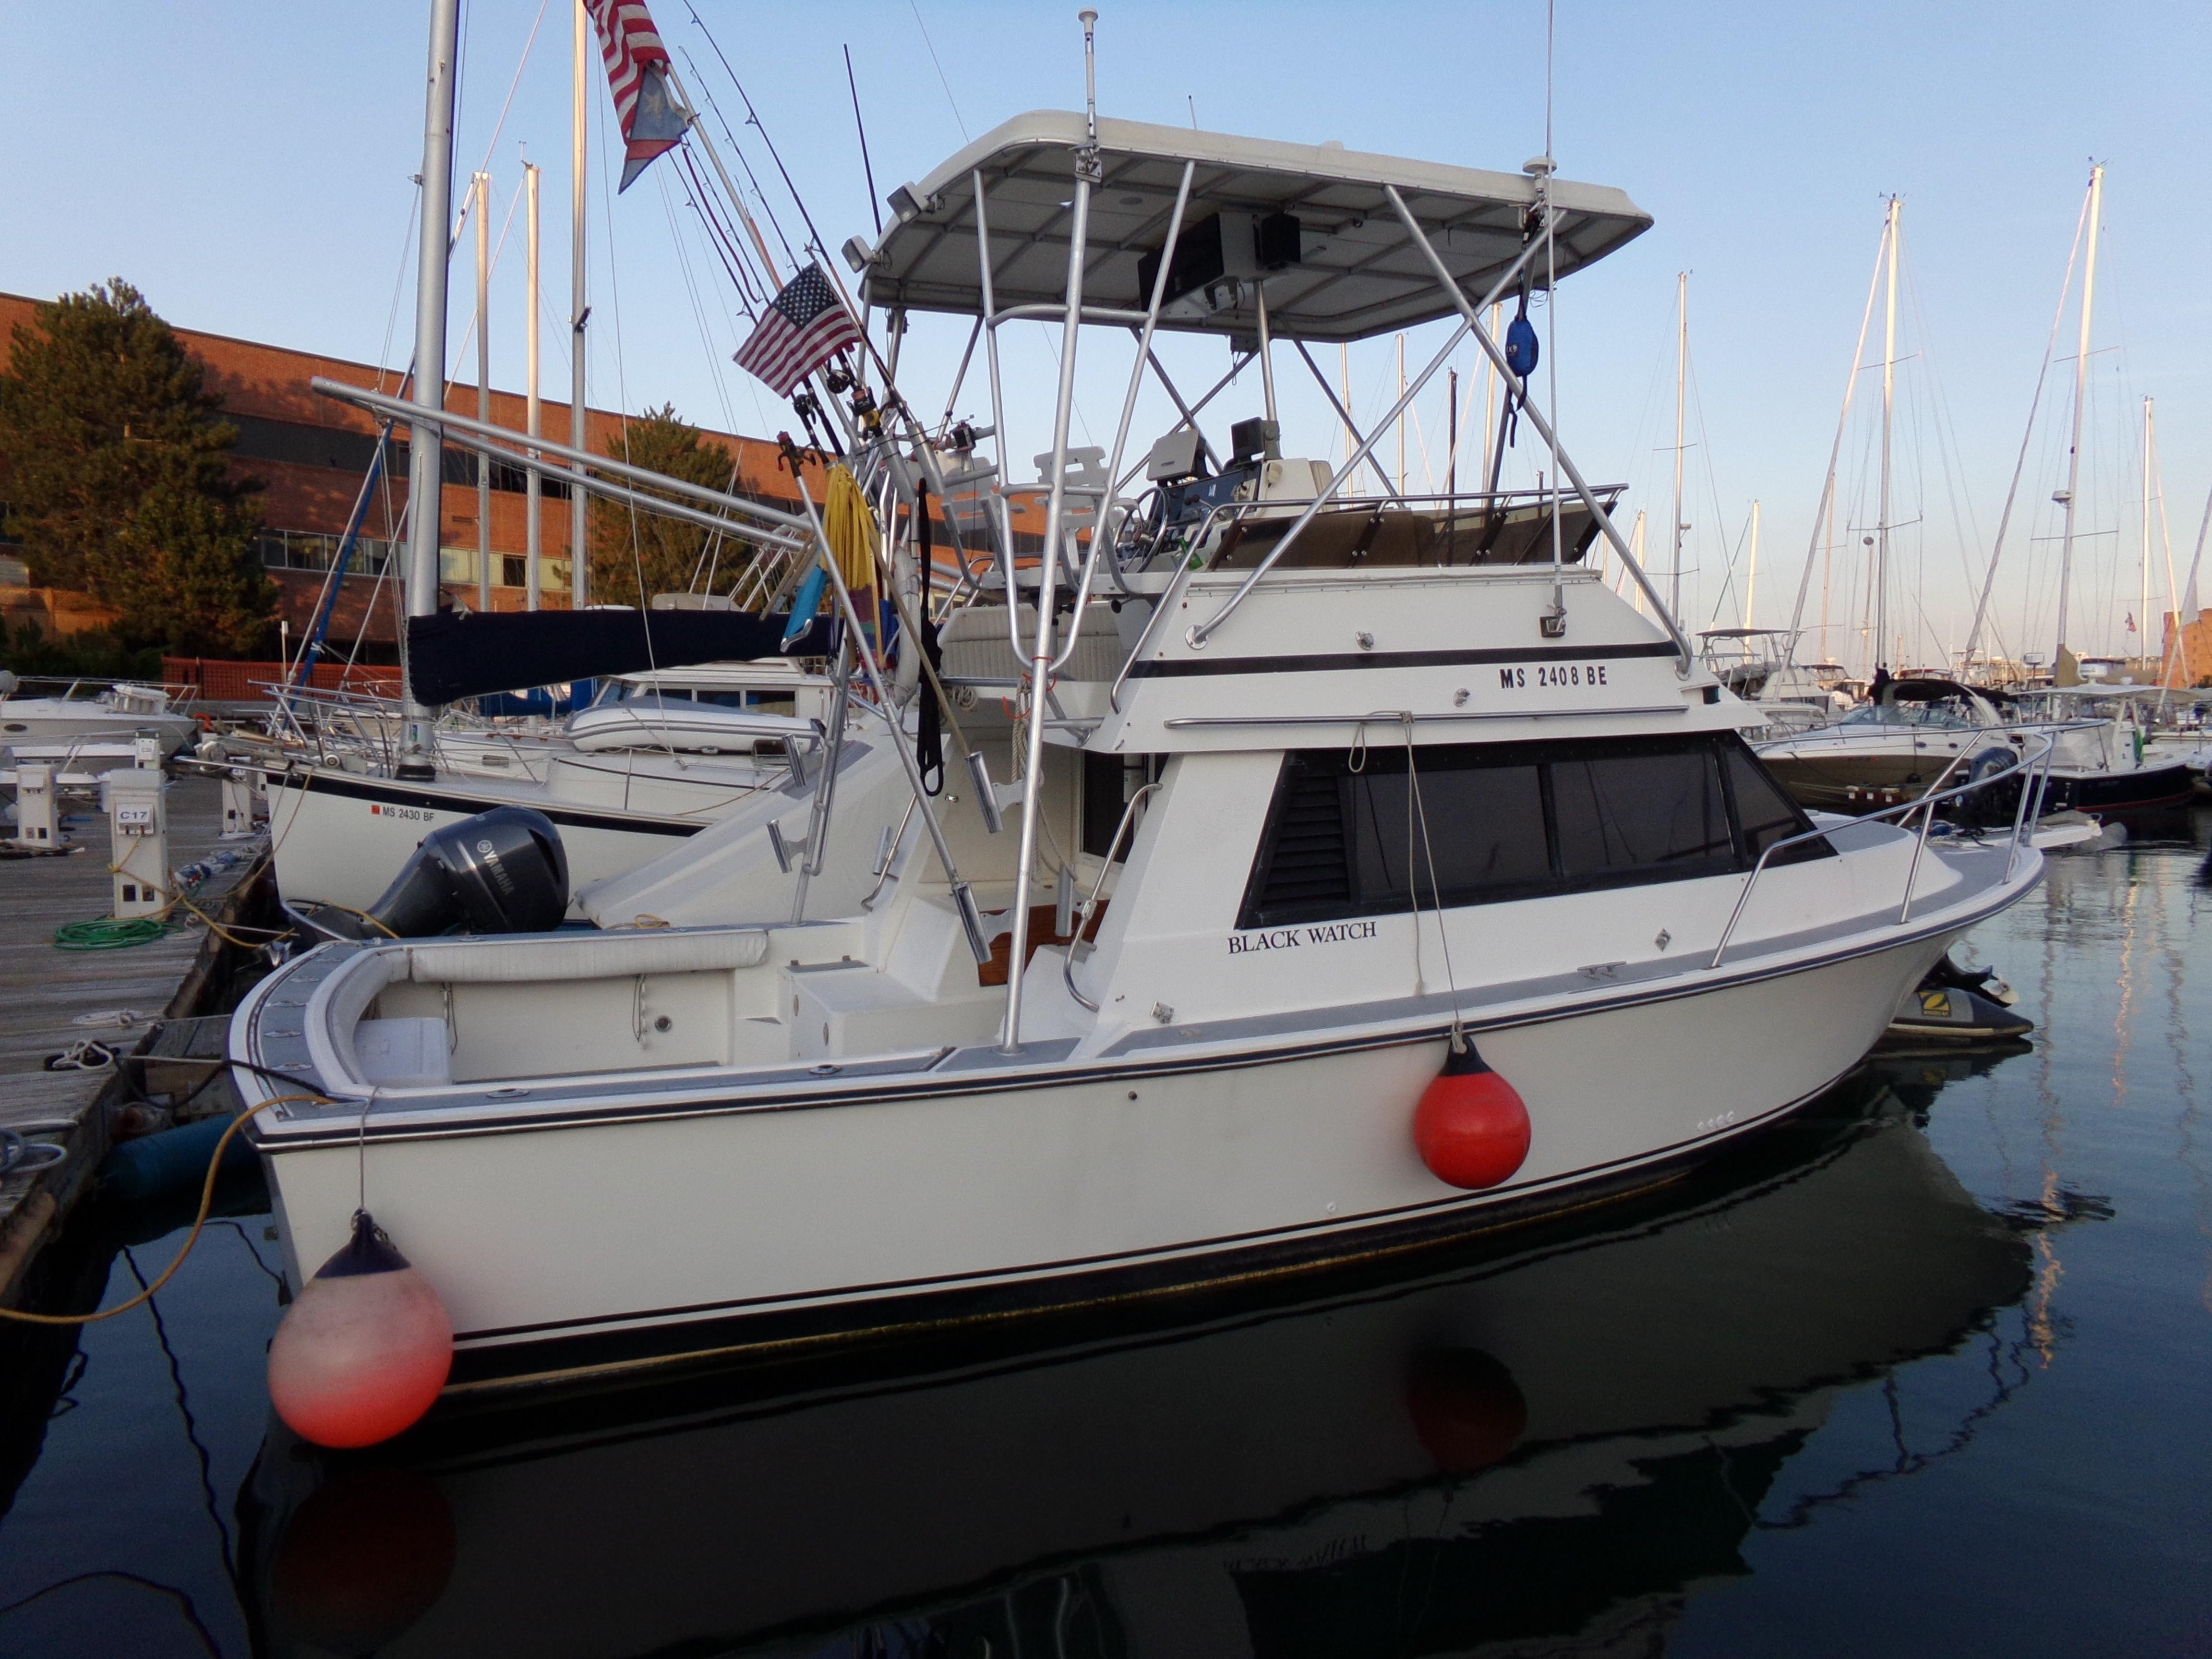 1989 Black Watch 30 Flybridge Power Boat For Sale